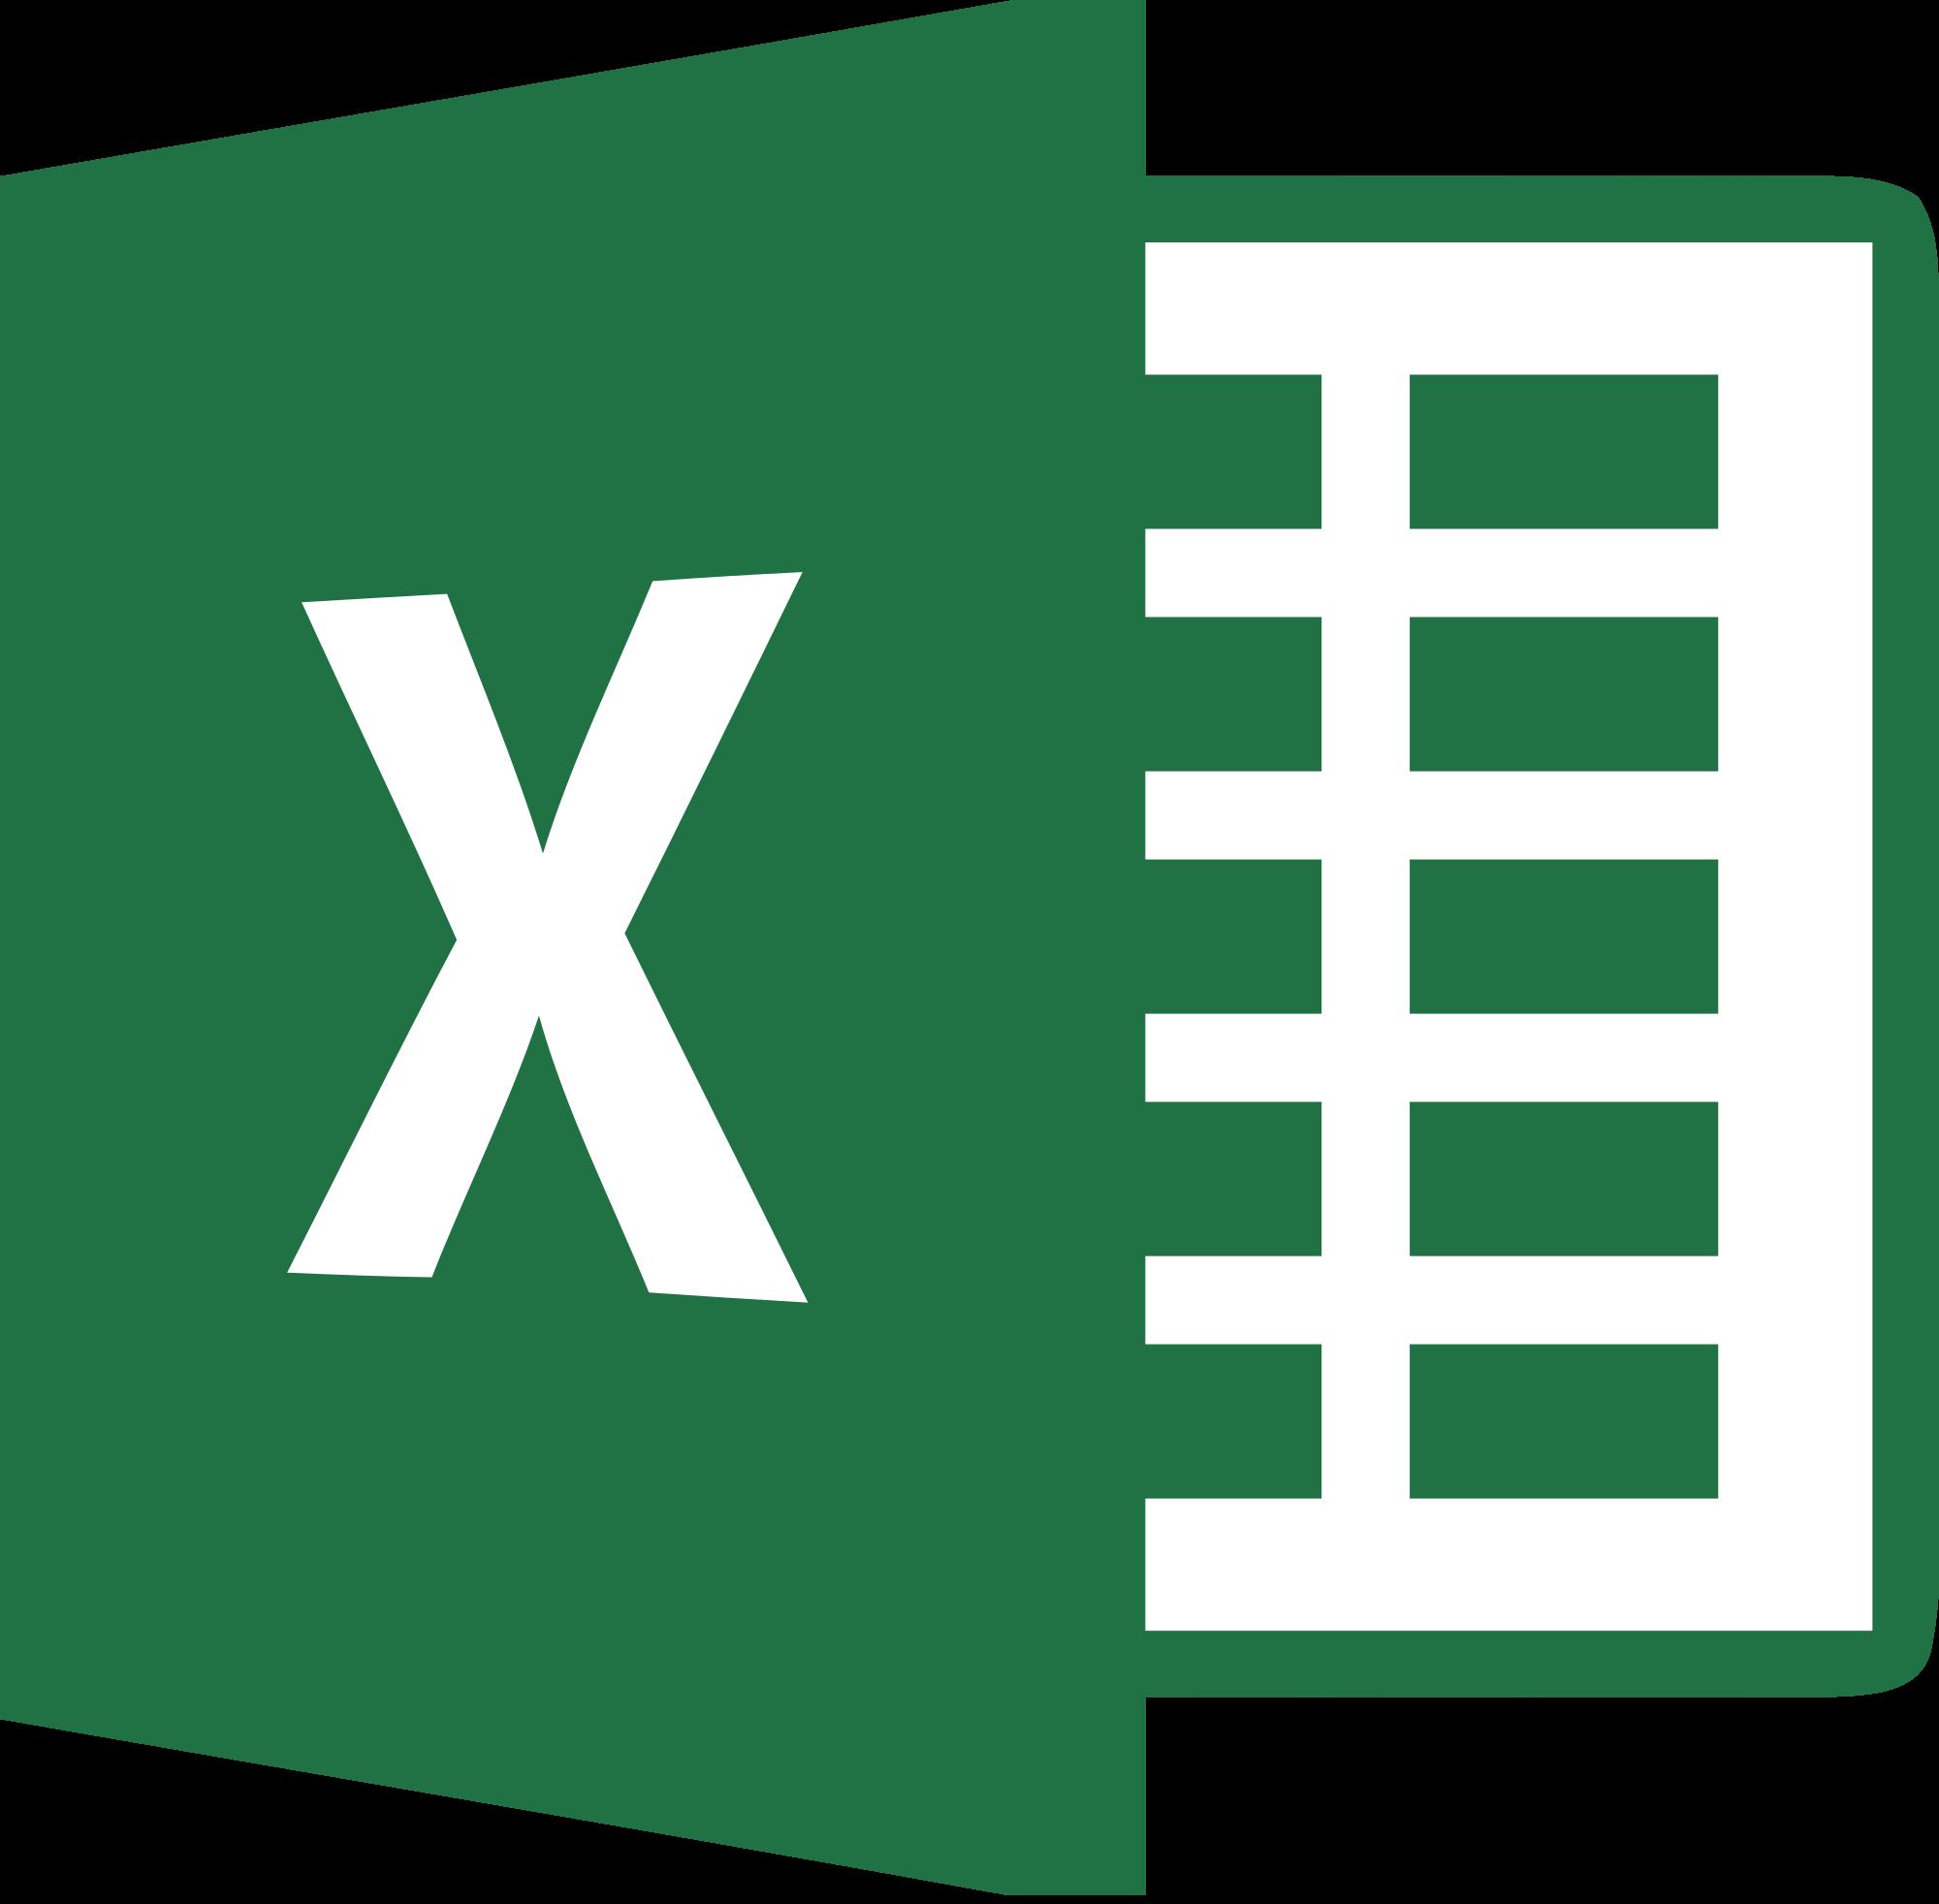 Microsoft excel 2003 - 2019 скачать бесплатно для windows